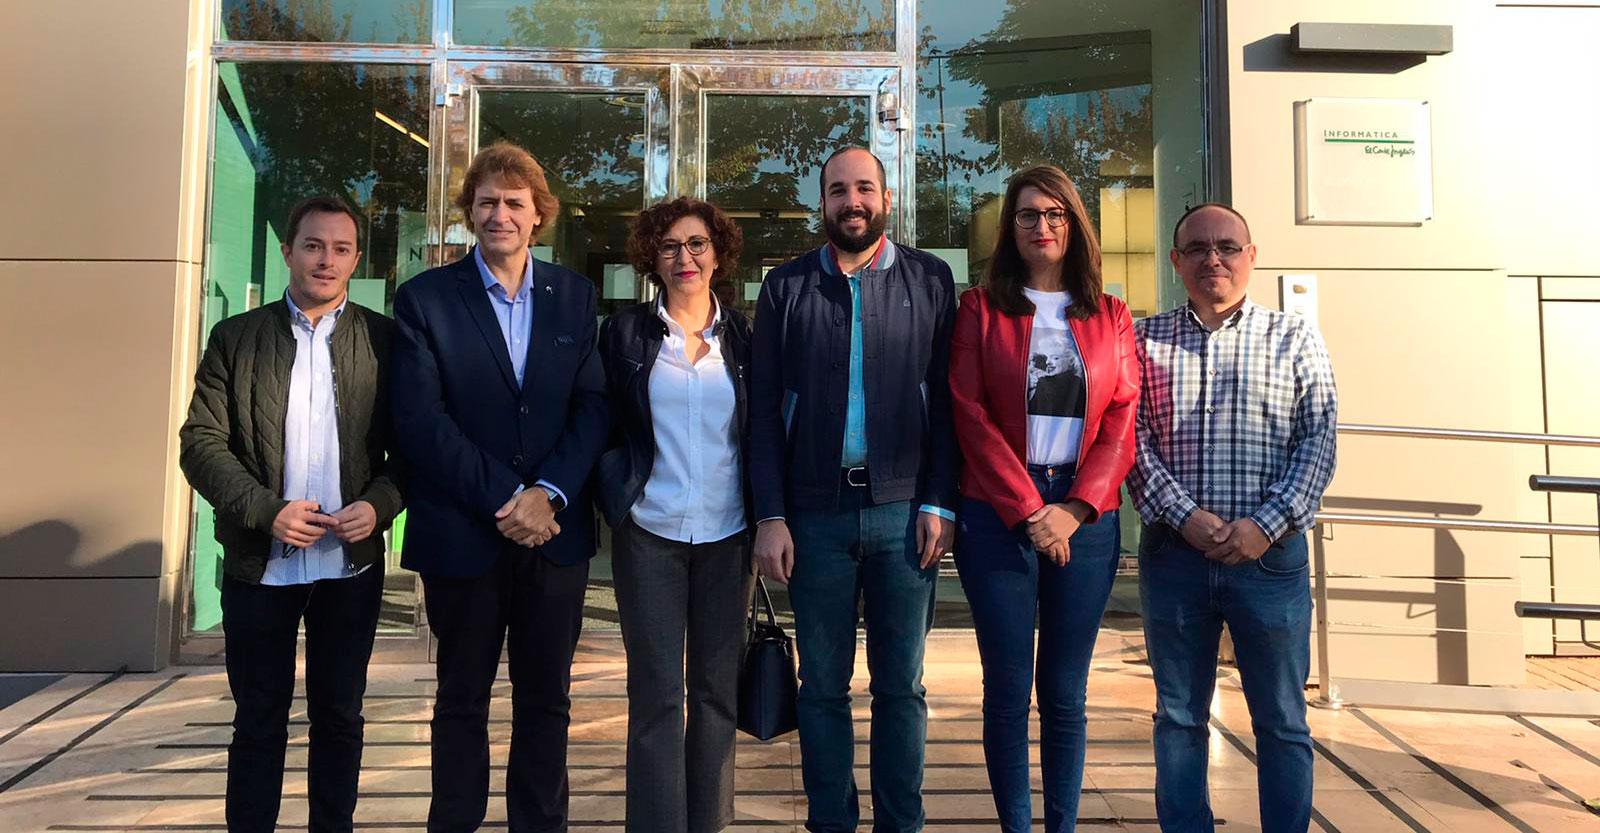 El PSOE propone mejorar la conexión de las empresas y los pueblos de la provincia de Ciudad Real de la mano de Pedro Sánchez